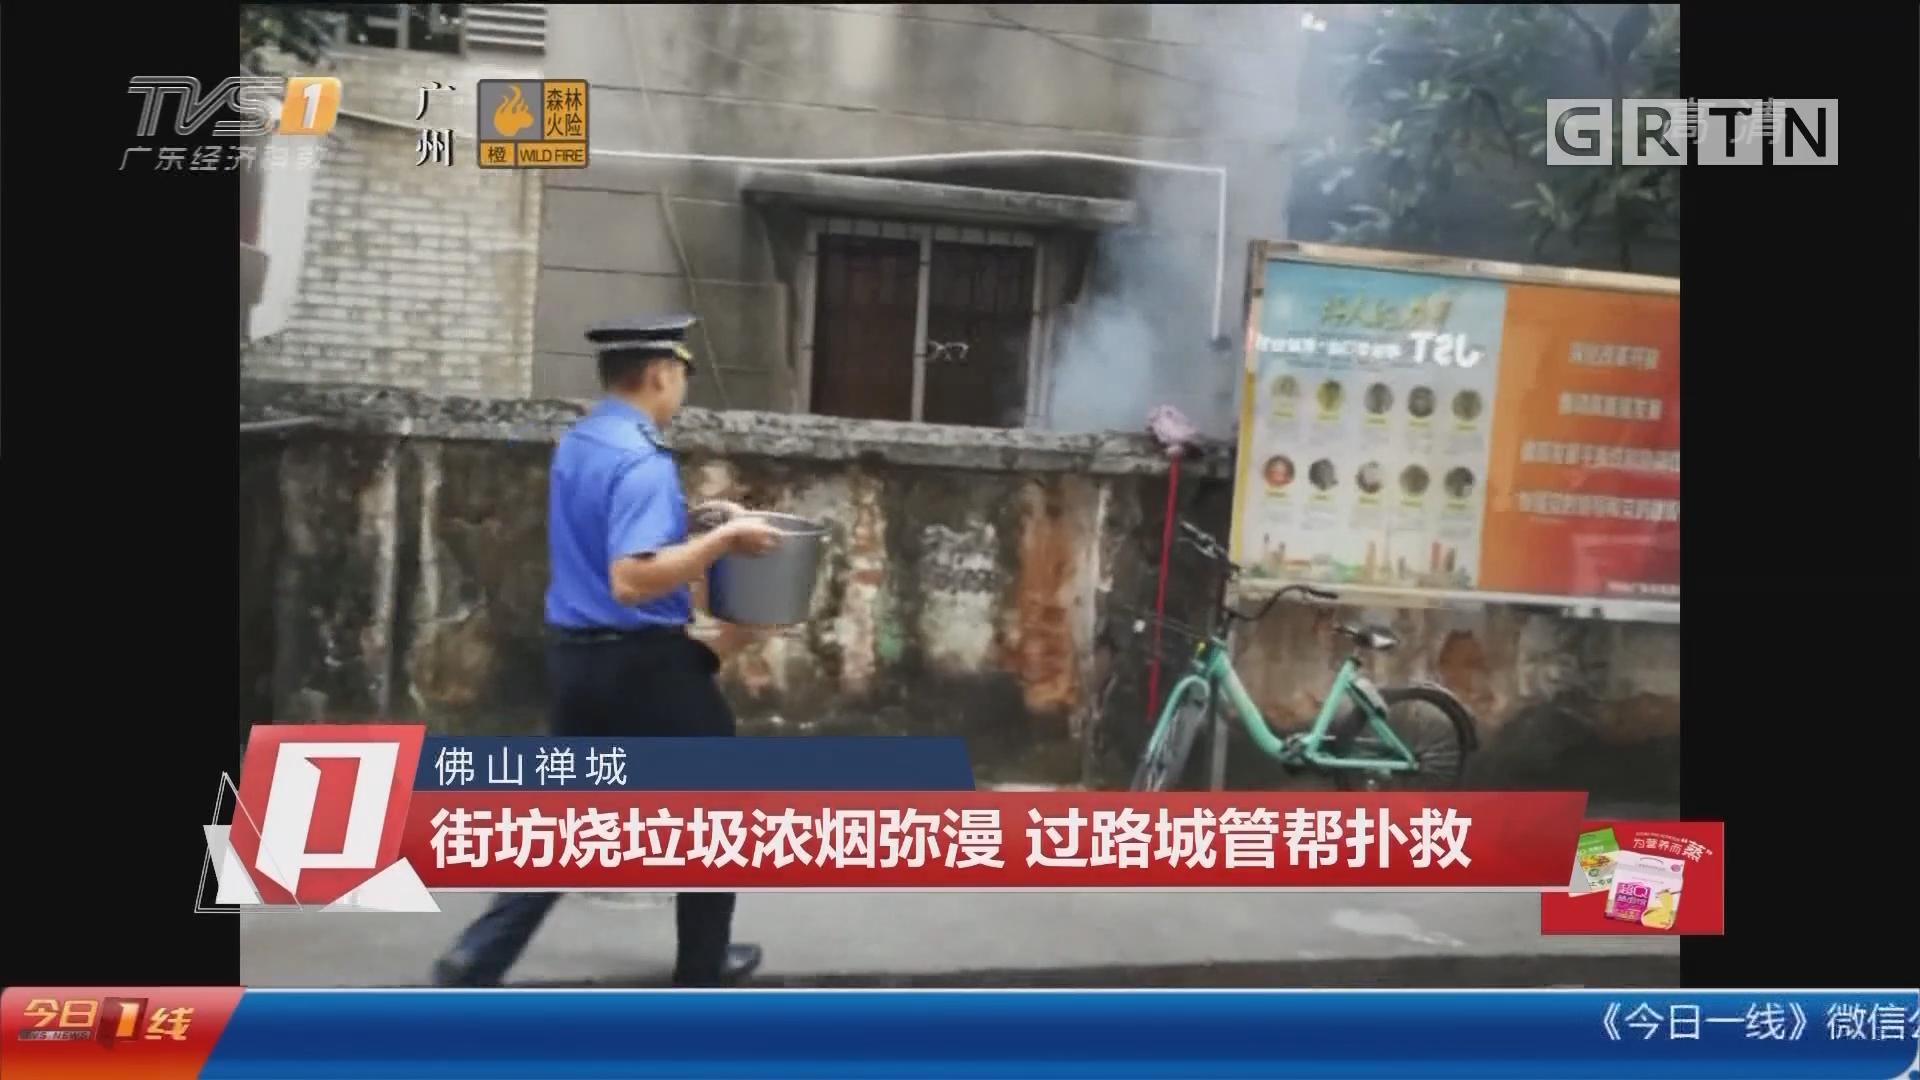 佛山禅城 街坊烧垃圾浓烟弥漫 过路城管帮扑救